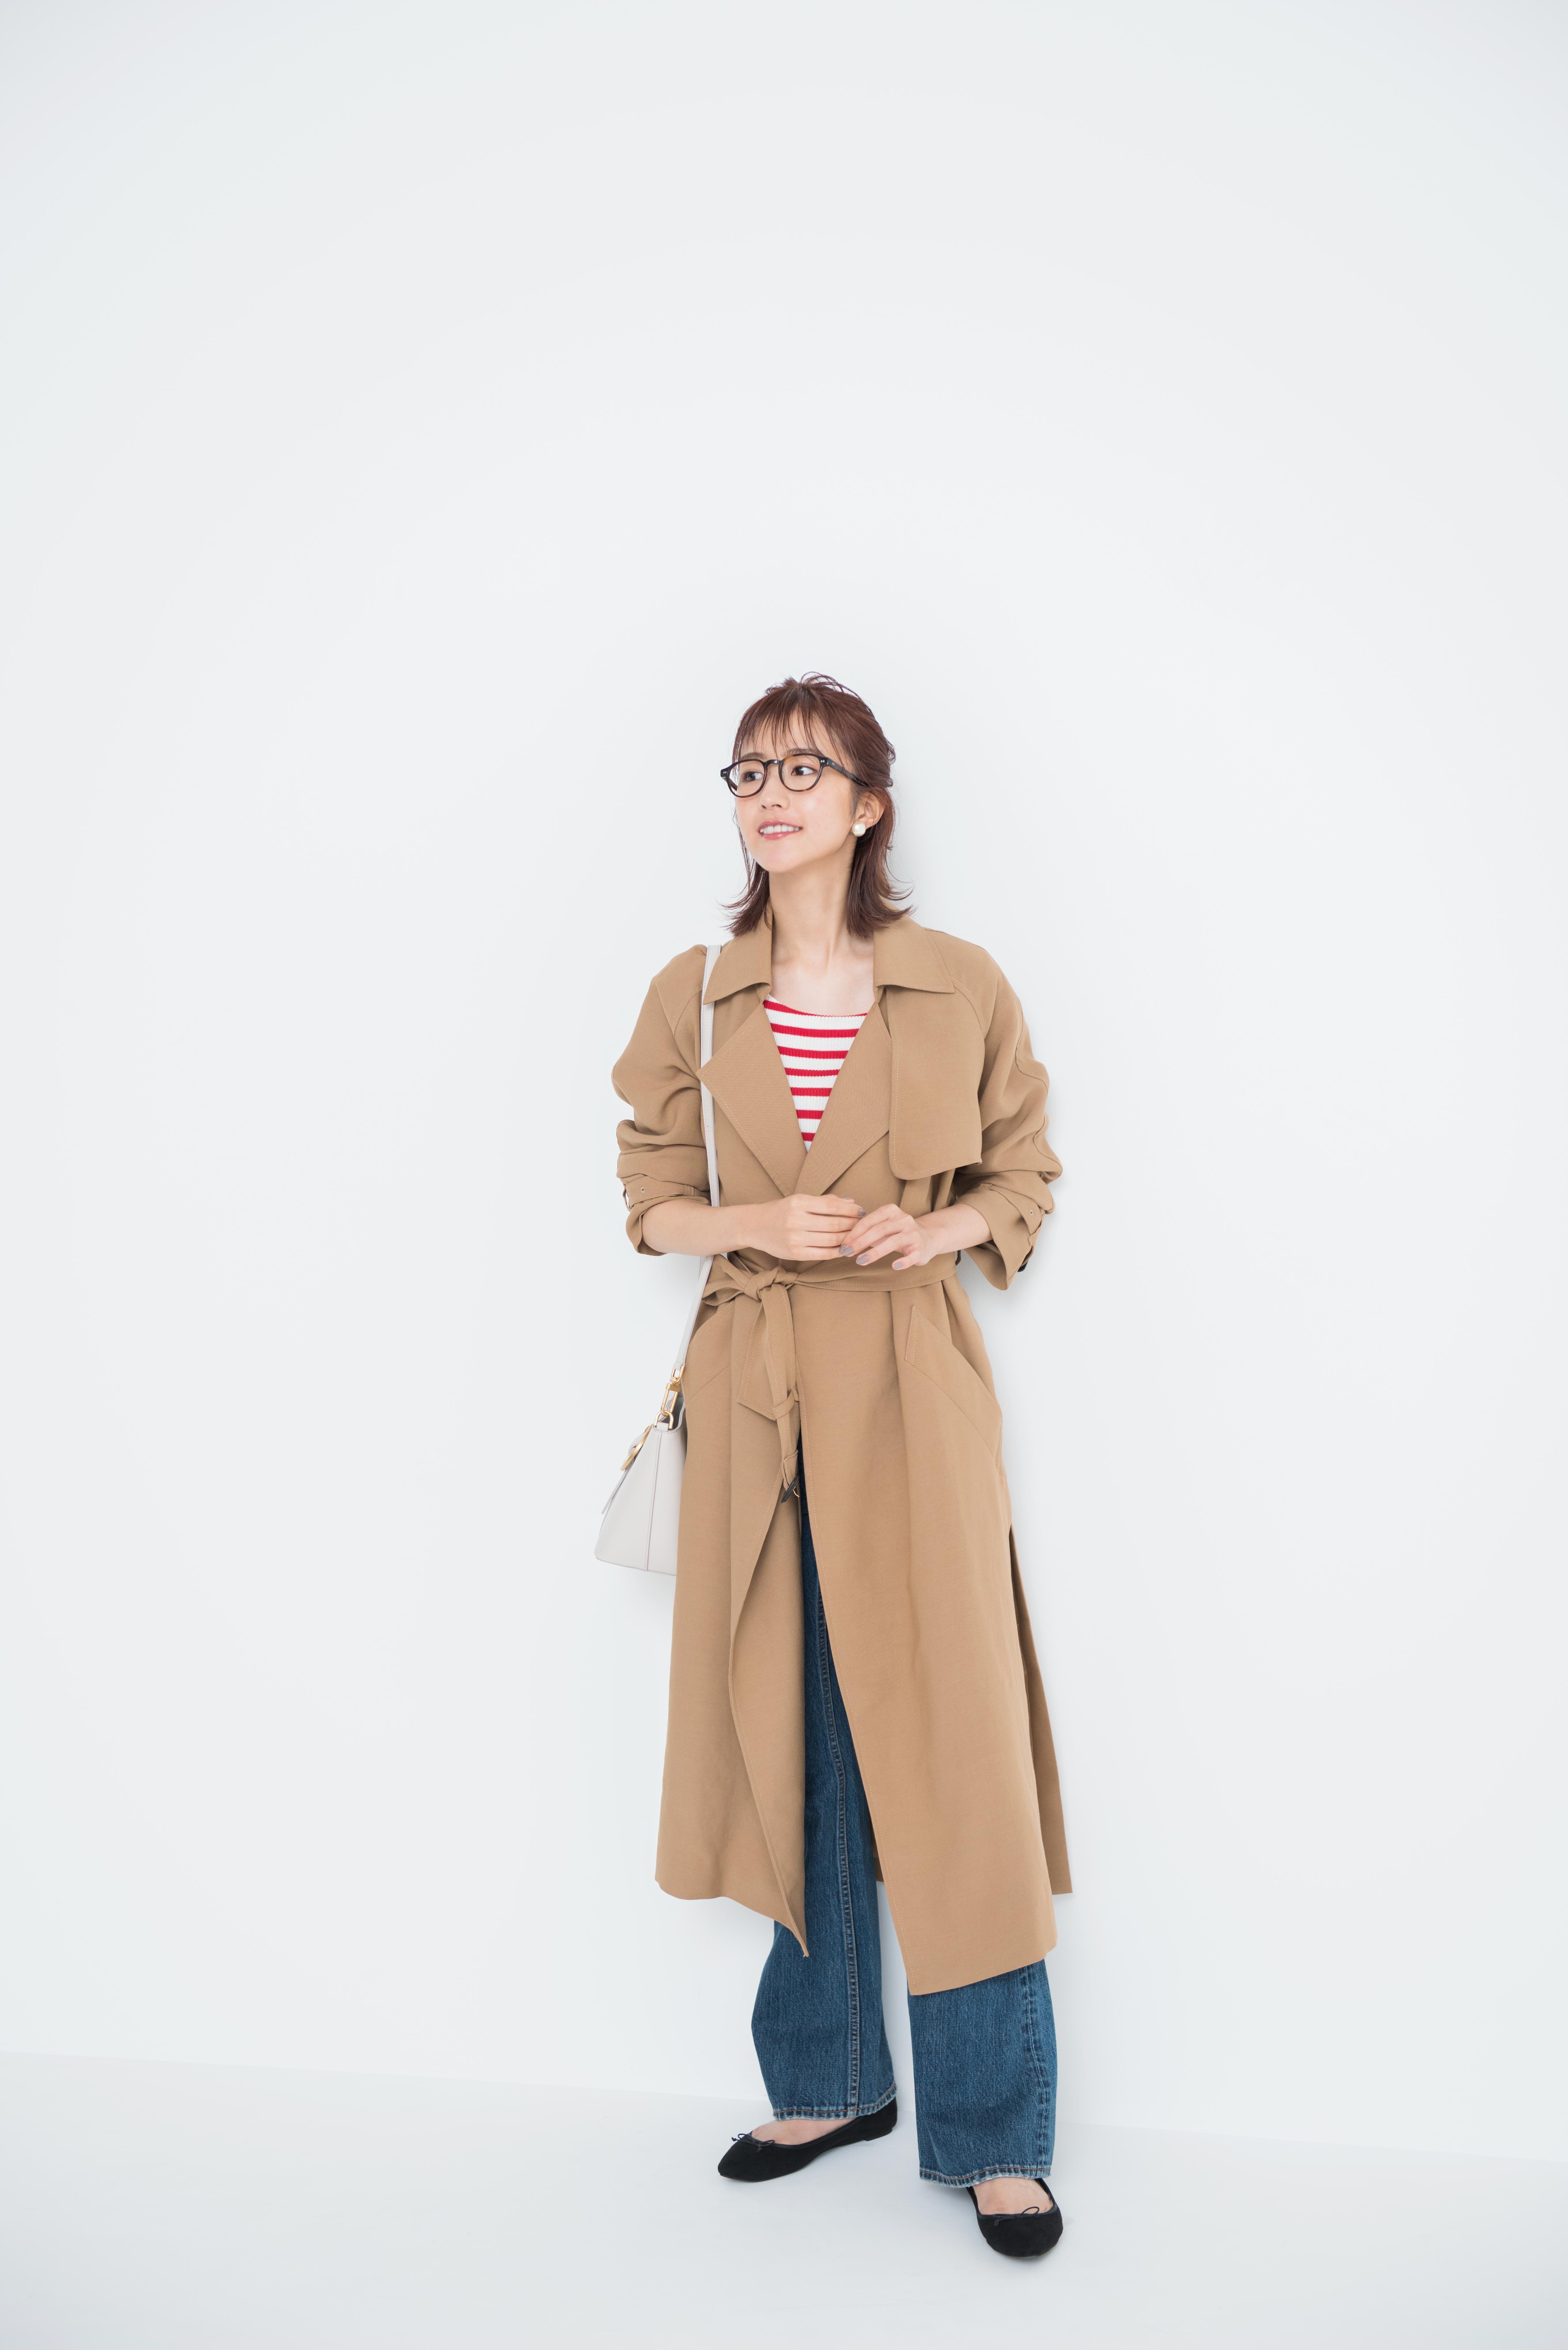 欅坂46土生瑞穂が着こなす「背が高いからこそ似合う美人秋コーデ」